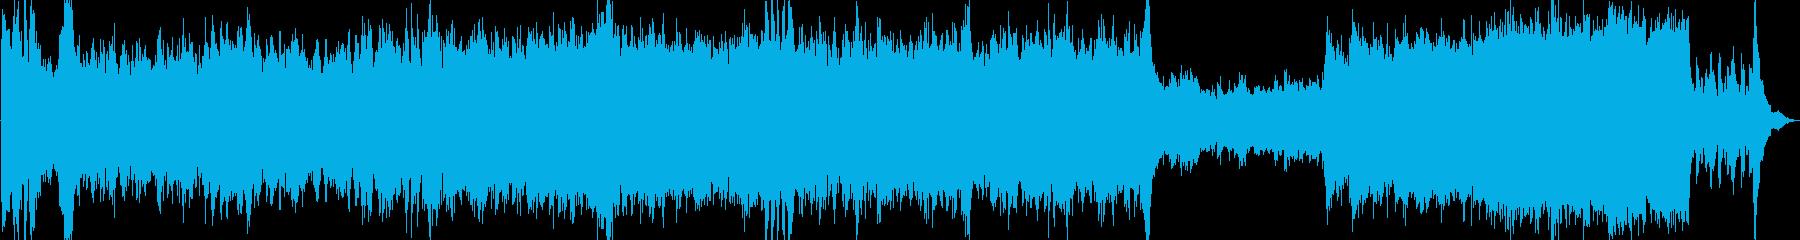 主人公のテーマ(ファンファーレ)の再生済みの波形